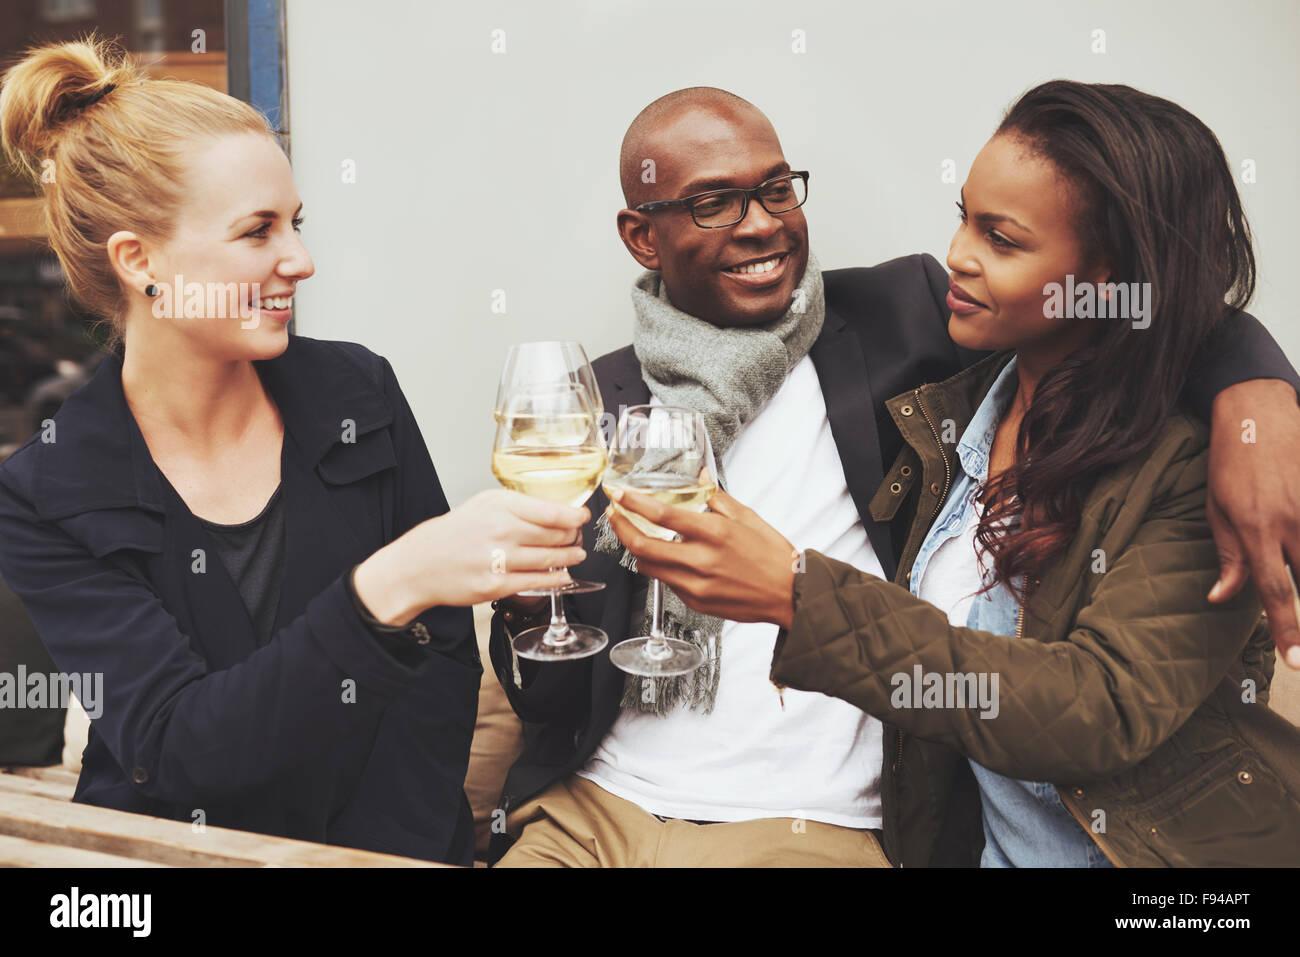 Tres amigos multiétnico para pasar un buen rato en una cafetería Imagen De Stock